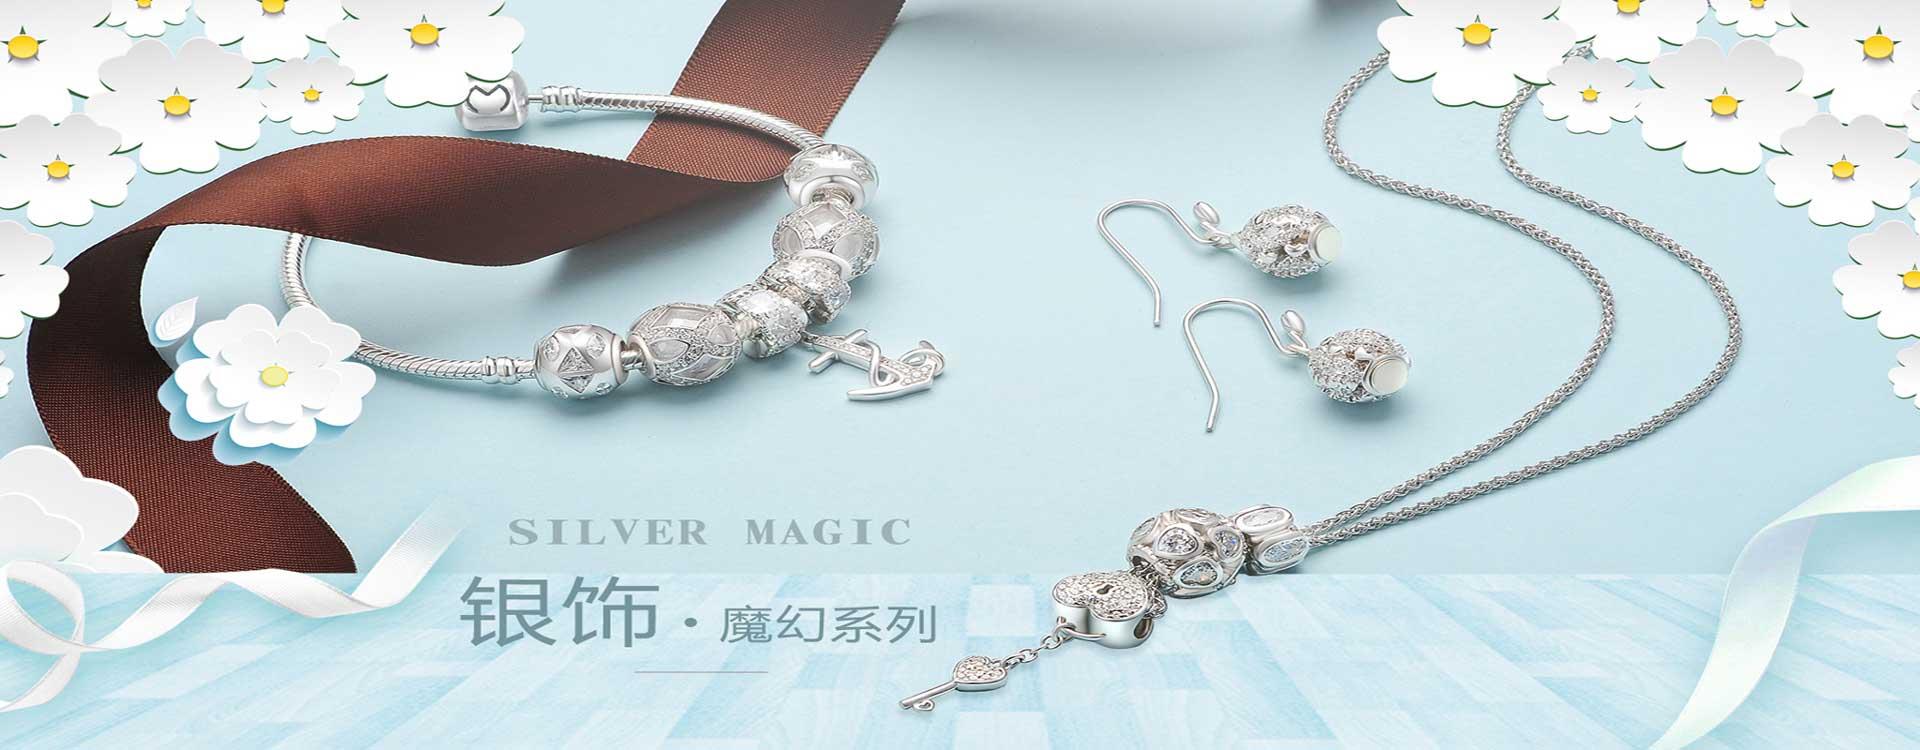 珠宝 珠宝品牌 银饰 银饰品牌 首饰 首饰品牌